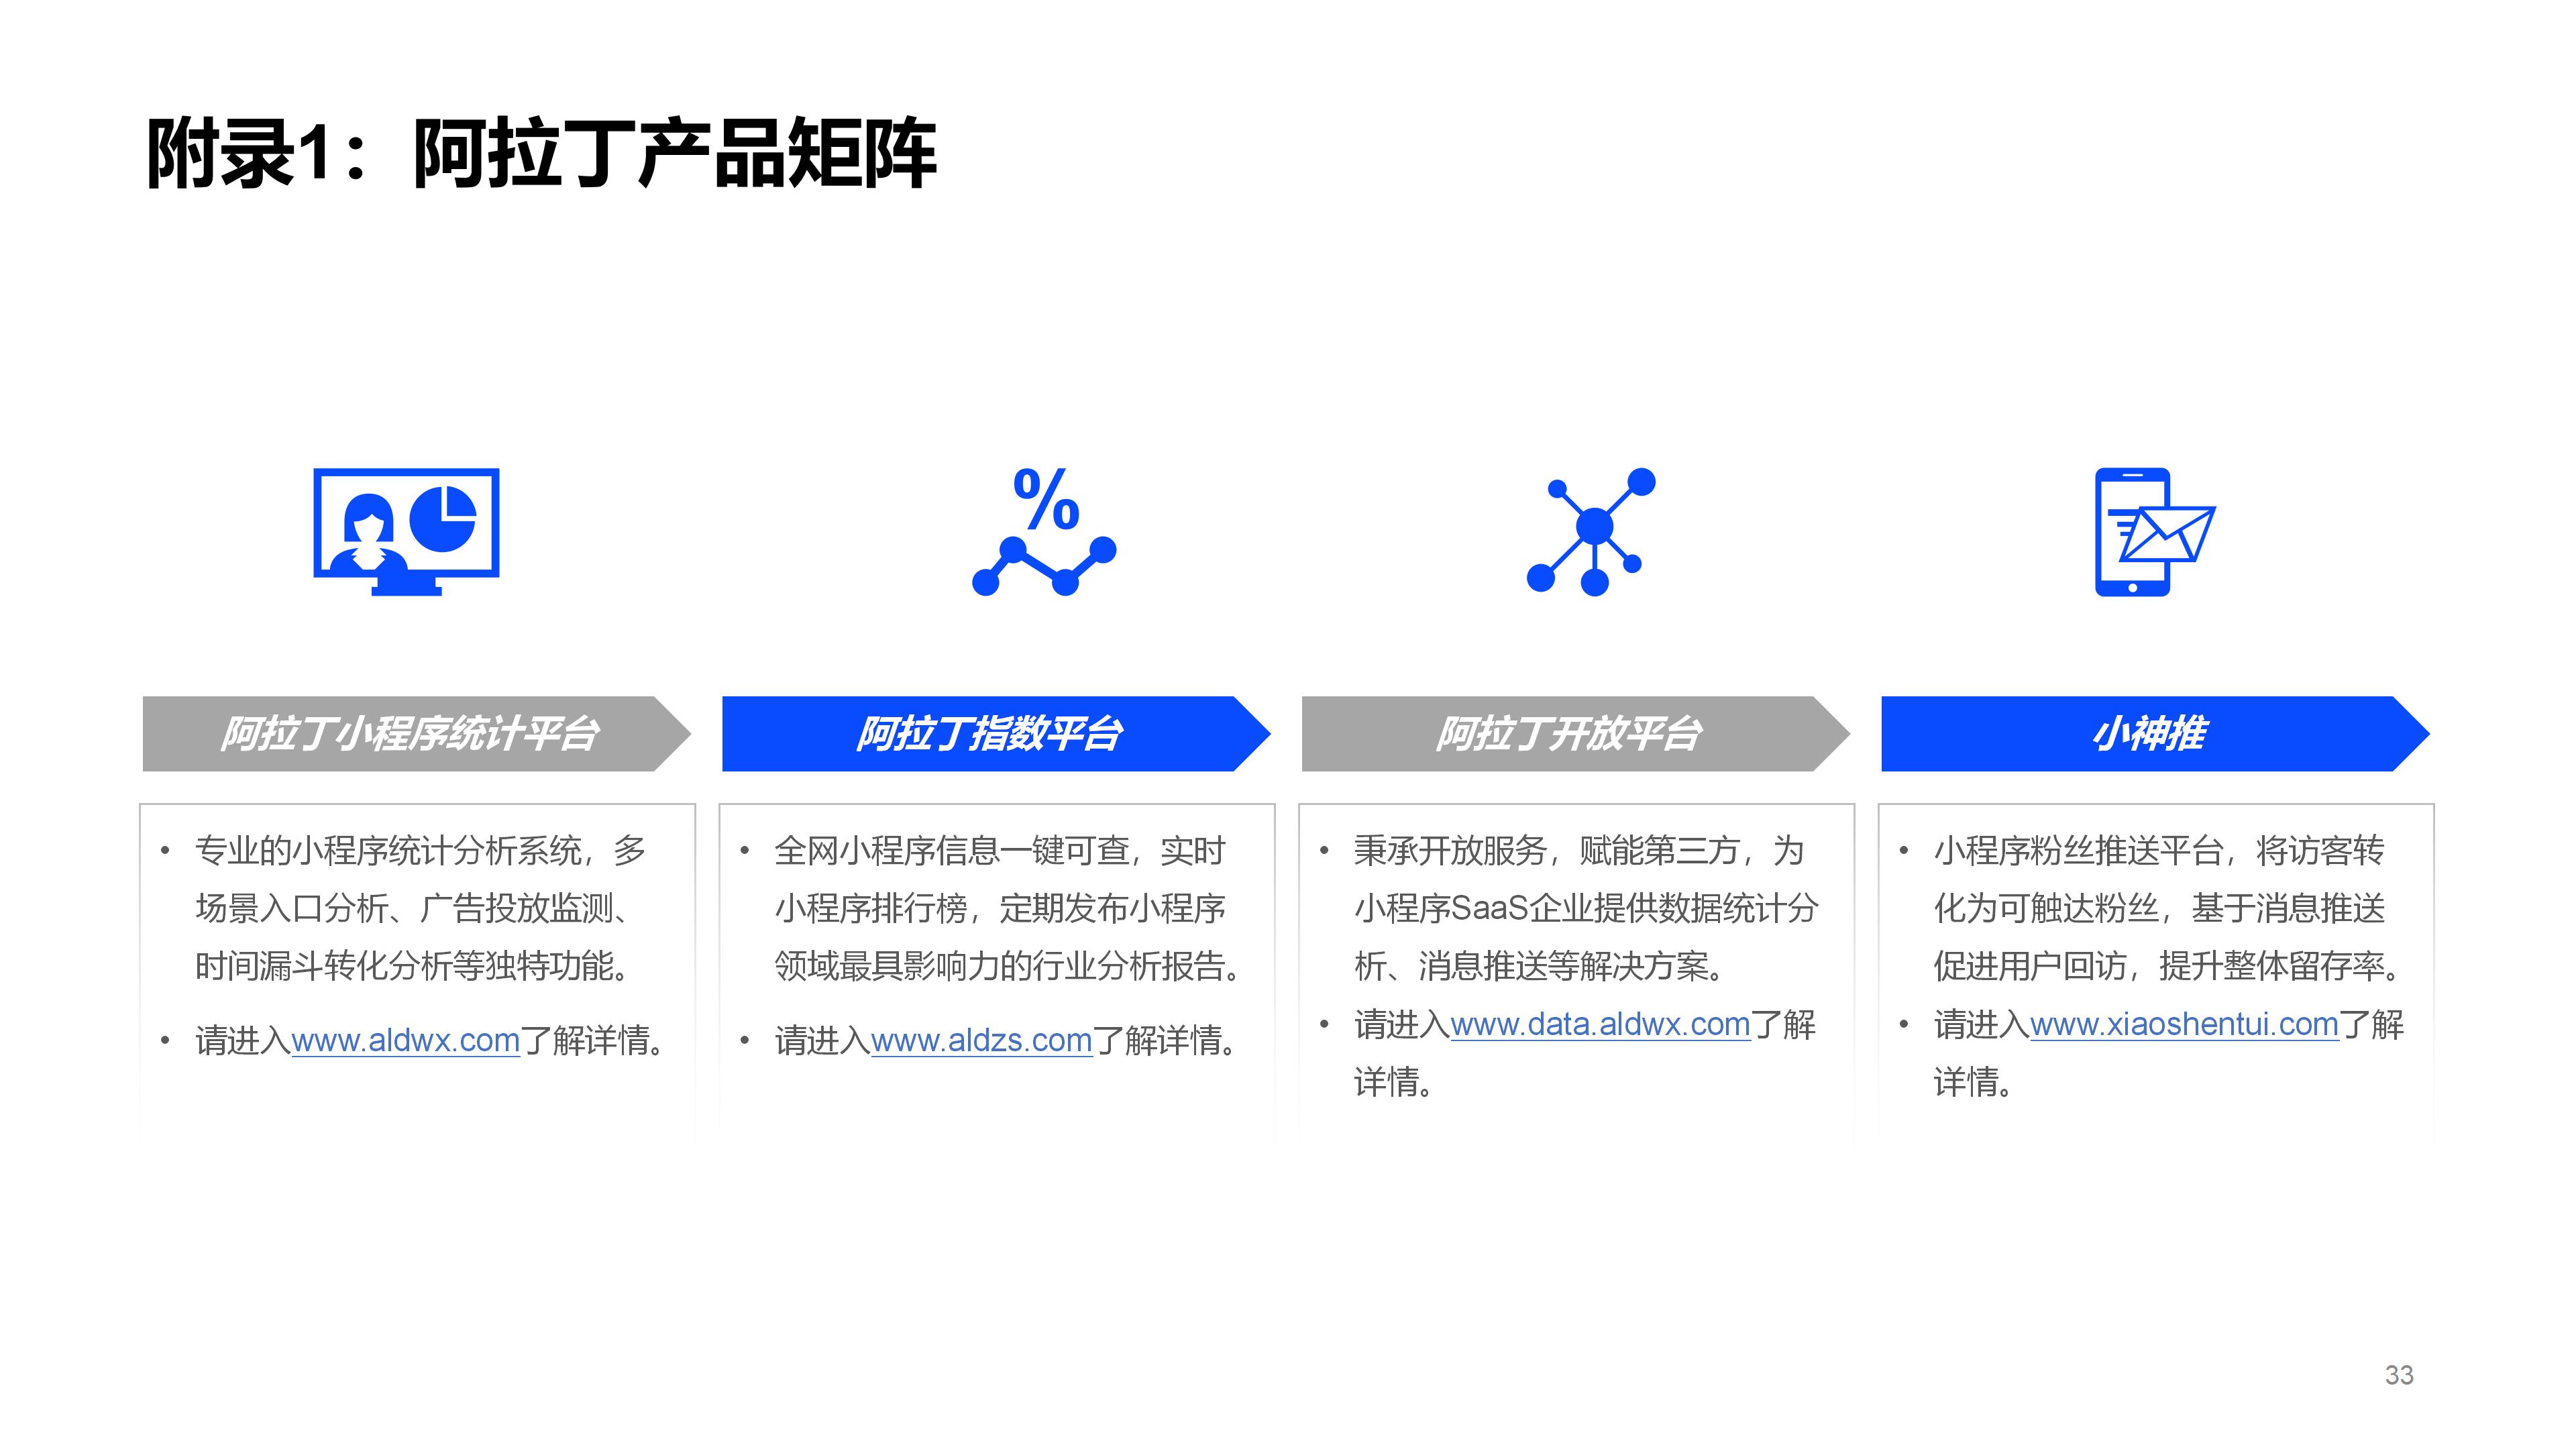 2019年3月中国小程序行业月度报告v5(1)_33.png